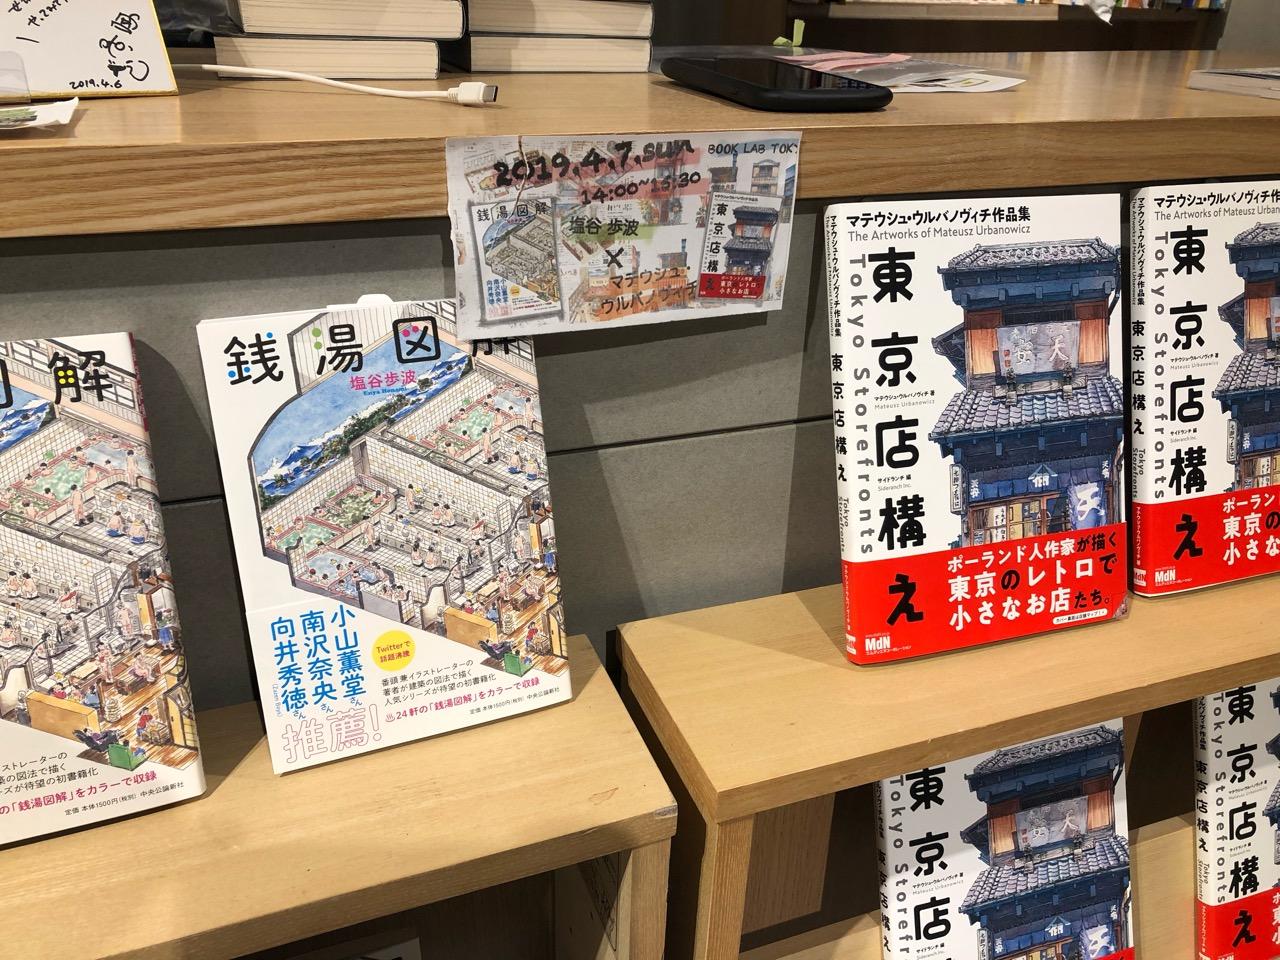 「銭湯図解」×「東京店構え」イラストレーター対談 BOOK LAB TOKYOにて